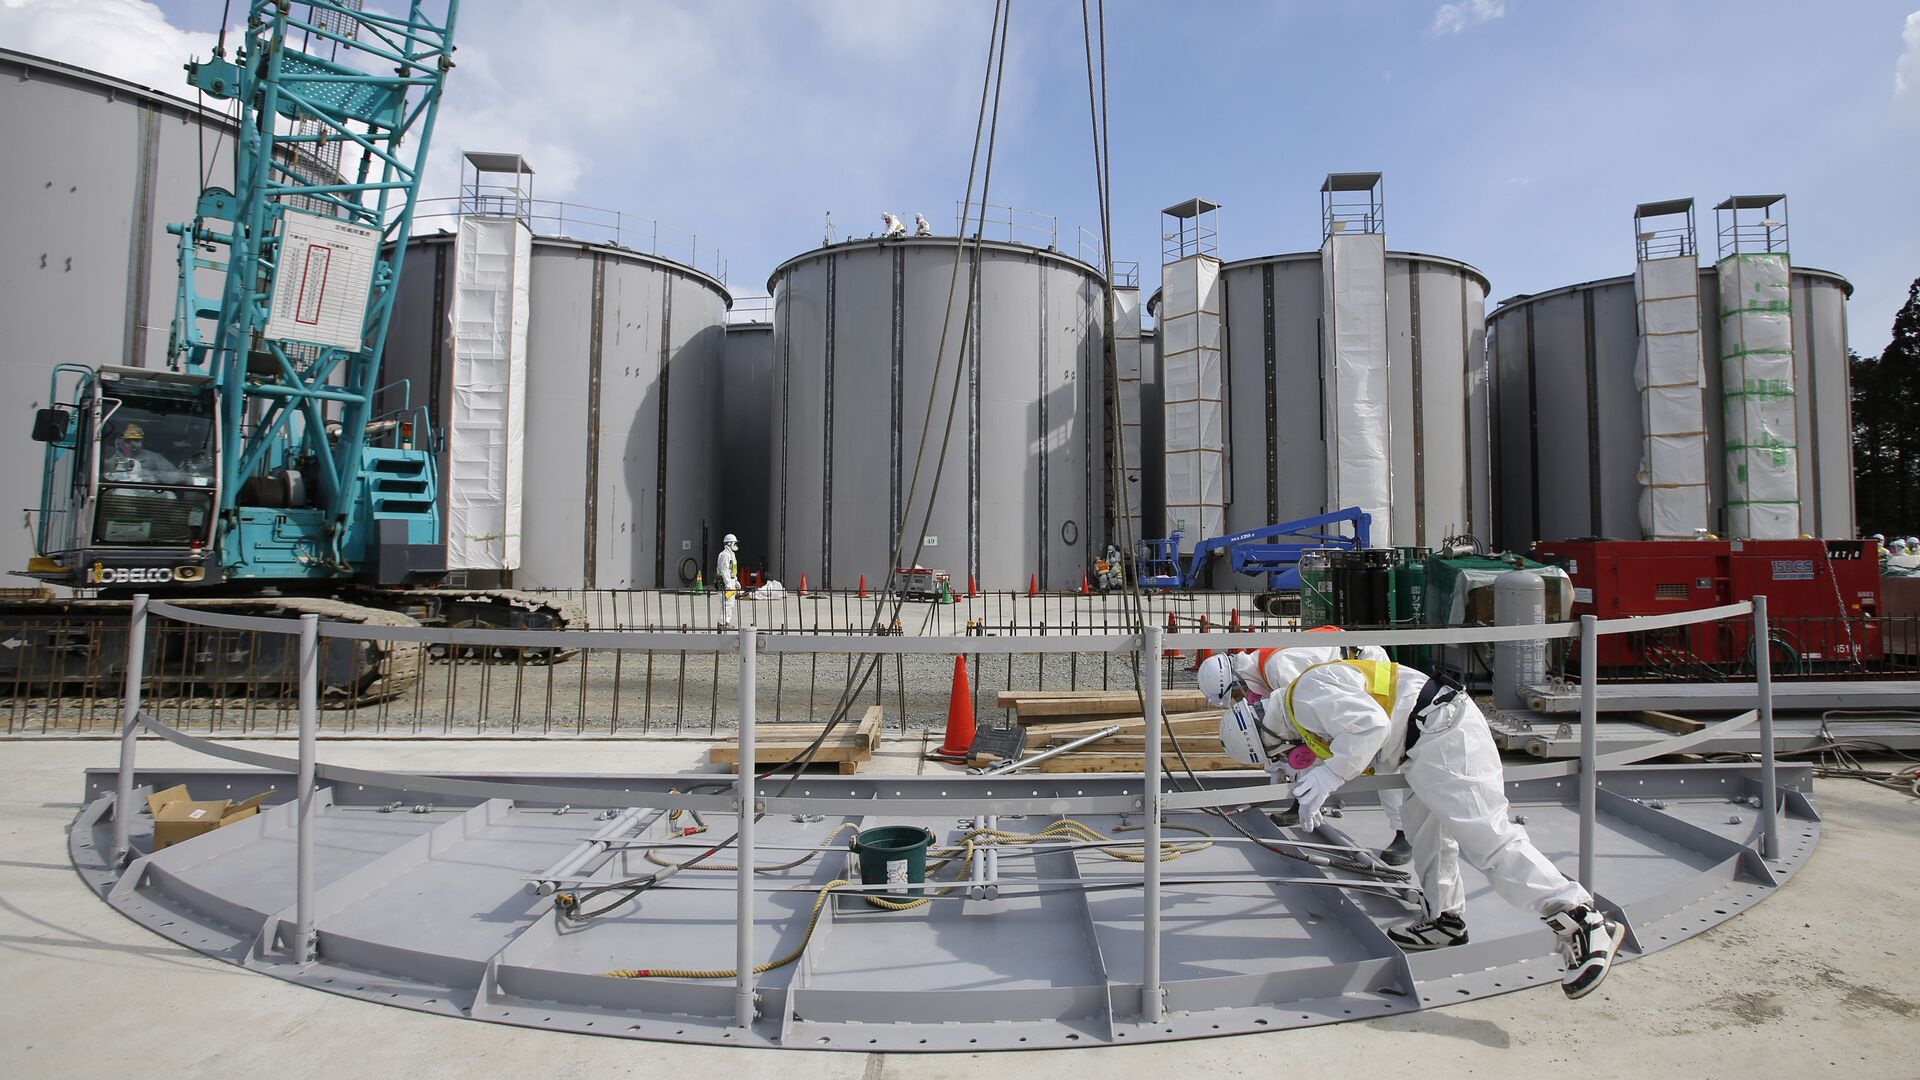 Nhà máy điện hạt nhân Nhật Bản Fukushima-1. - Sputnik Việt Nam, 1920, 14.09.2021